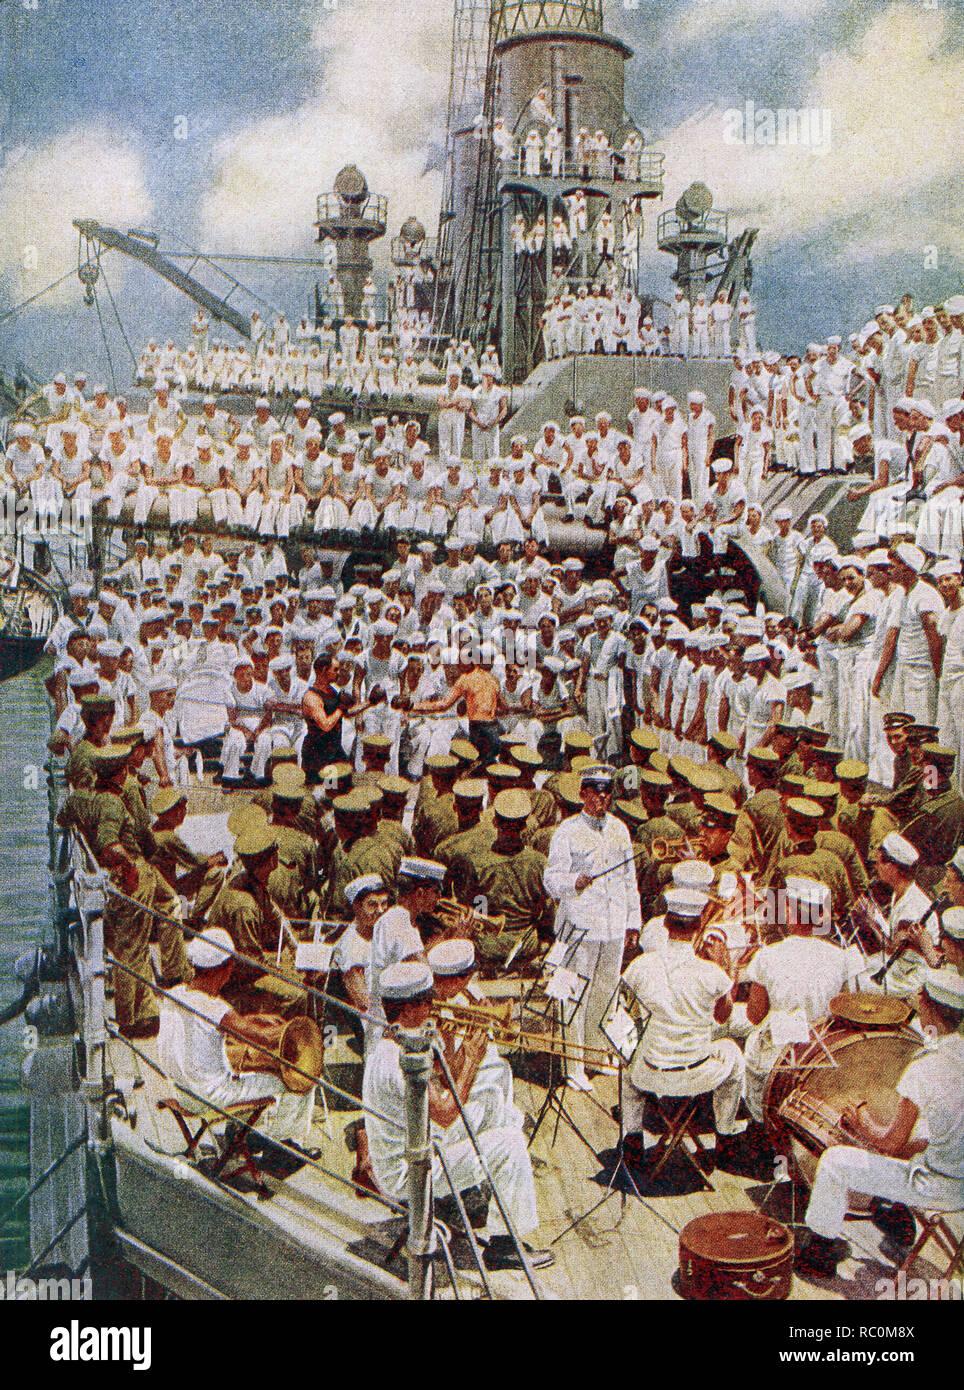 """La légende dit: """"Pack up vos ennuis dans votre vieux sac de la mer. Tous les travaux et pas de jeu n'était pas autorisé à faire de l'américain ennuyeux."""" L'image remonte à 1922 et montre sur un transporteur militaire américaine en mer durant la Première Guerre mondiale. à l'avant-plan une bande avec un conducteur. Au milieu est une correspondance de boxe vu par un certain nombre de marins. Les autres sont plus des marins et de l'équipage à regarder les événements. Photo Stock"""